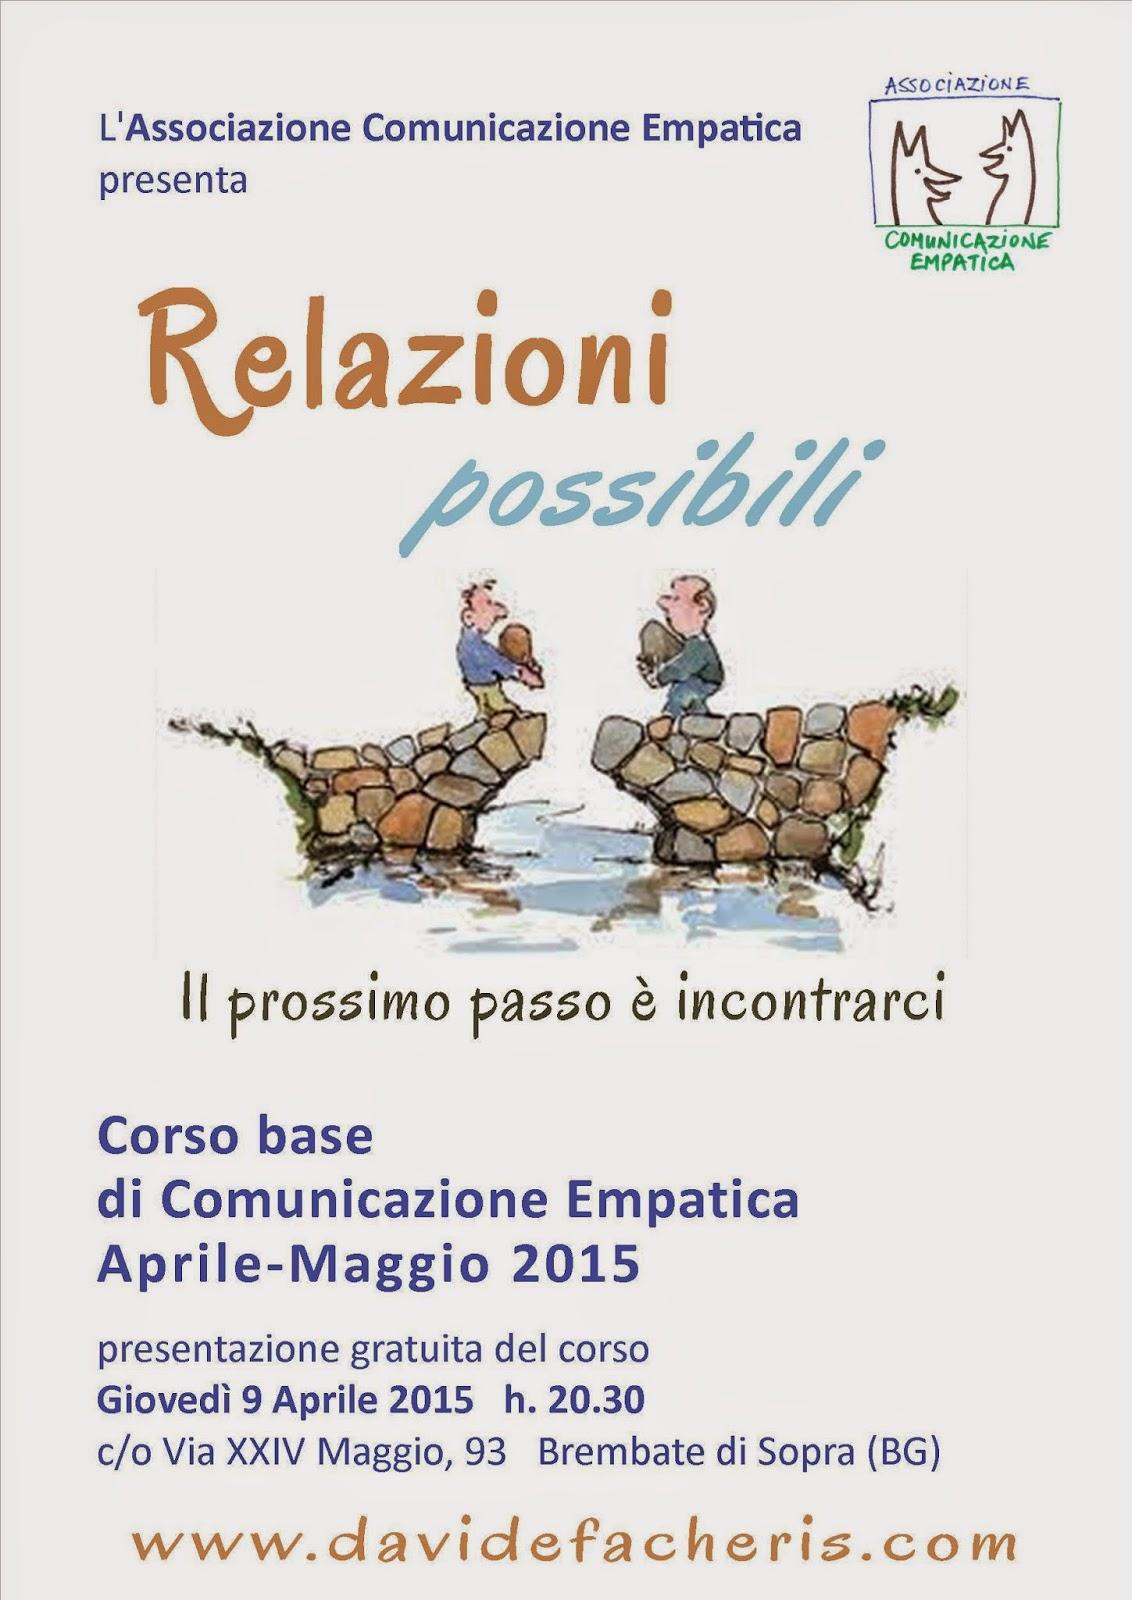 Formazione Primavera 2015 a Bergamo